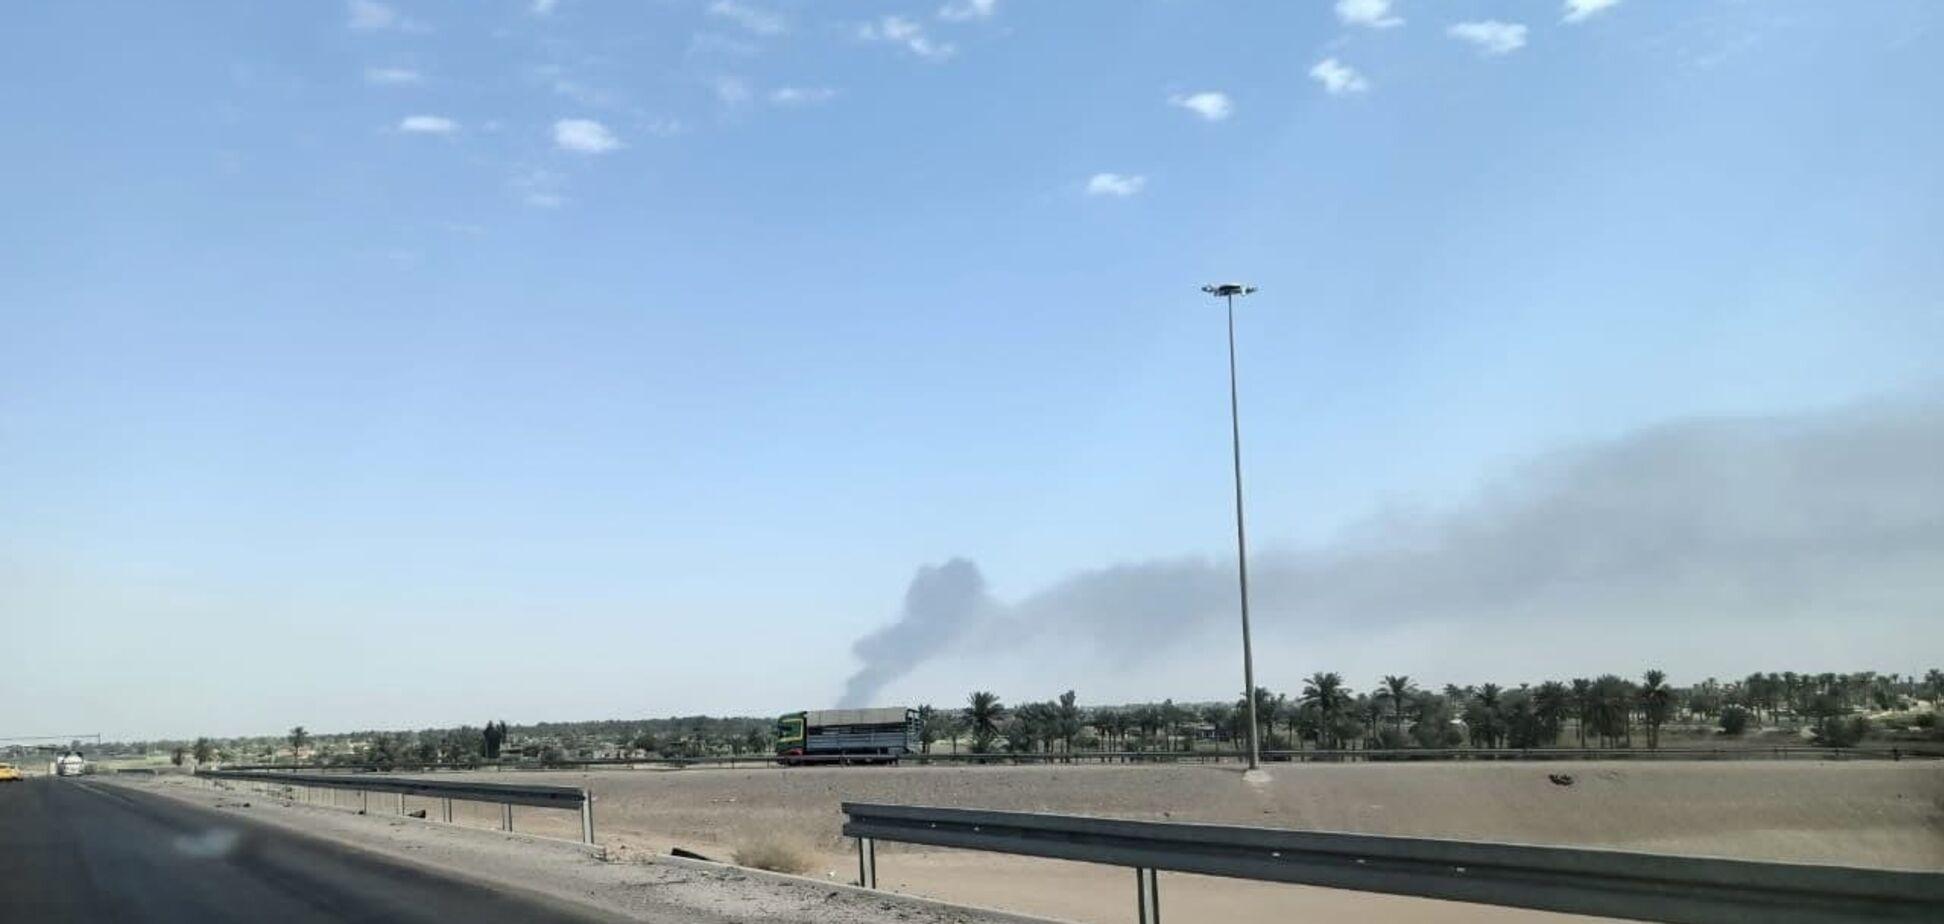 В Ираке вспыхнул пожар на военной базе около аэропорта